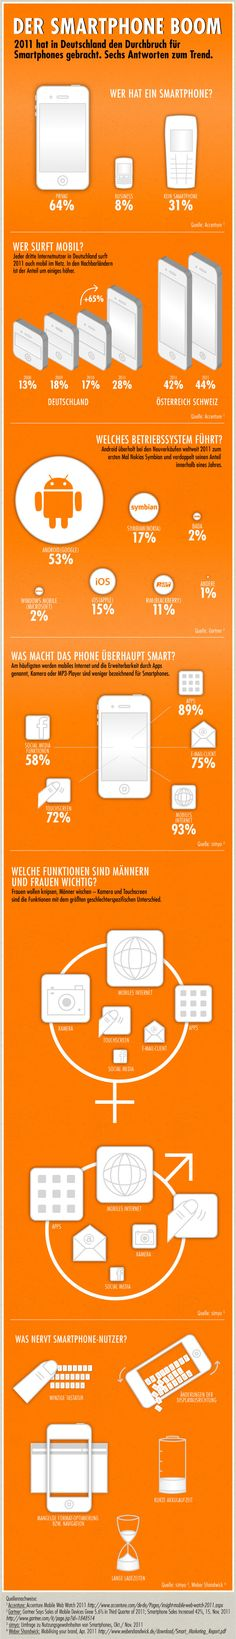 Der Smartphone Durchbruch in Deutschland!  Fast jeder möchte eins haben, doch worauf sollte man beim Smartphone achten?